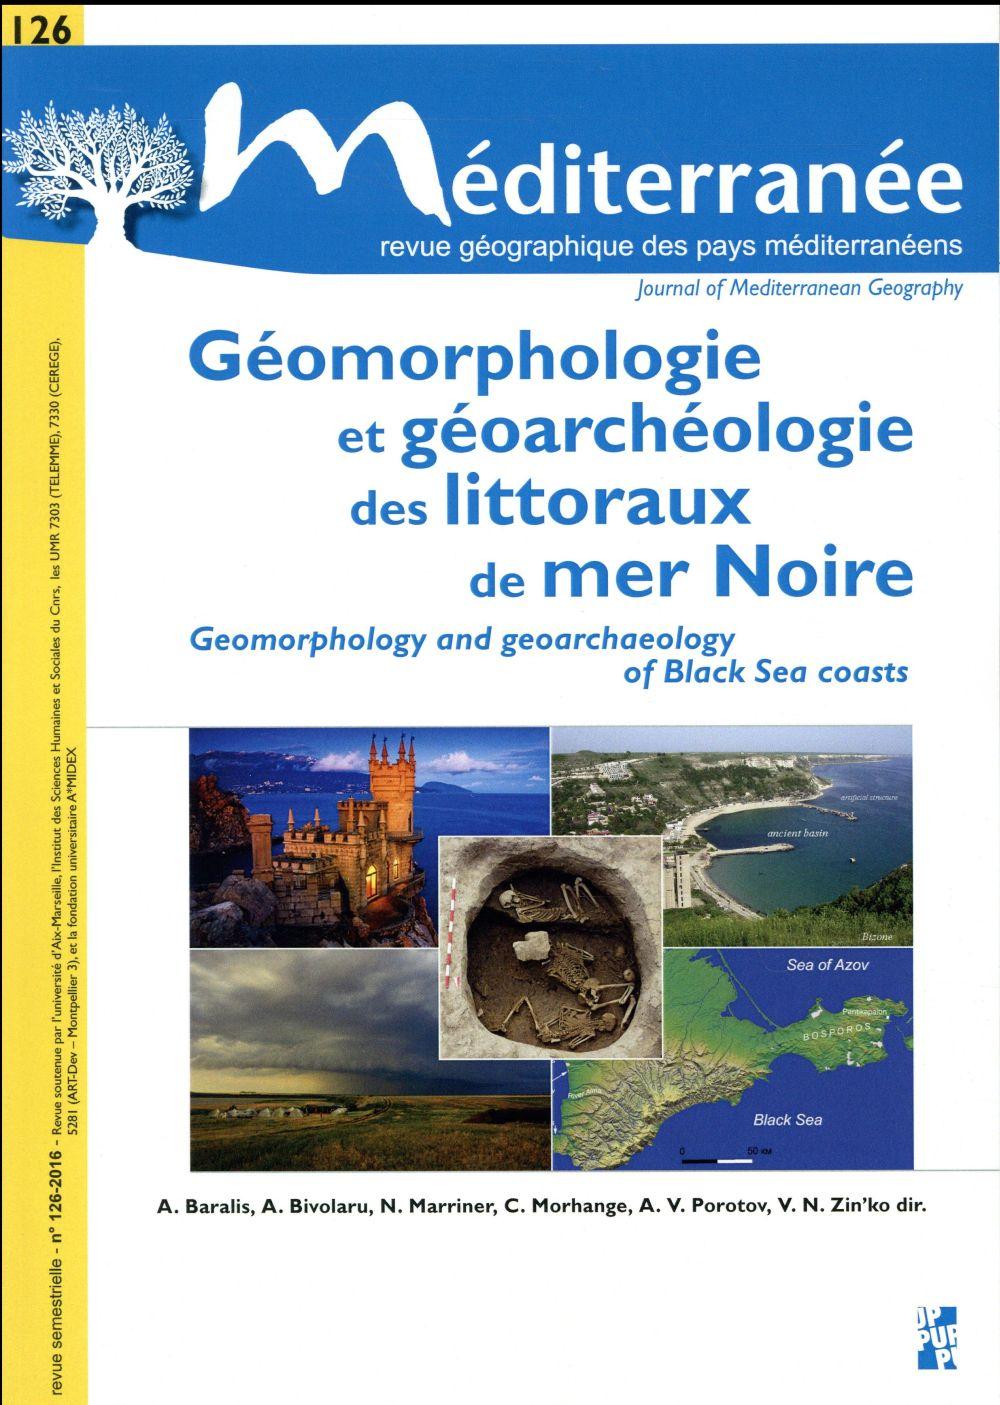 MEDITERRANEE n.126 ; géomorphologie et géoarchéologie des littoraux en mer Noire ; geomorphology and  geoarcheology of Black sea coasts (édition 2016)